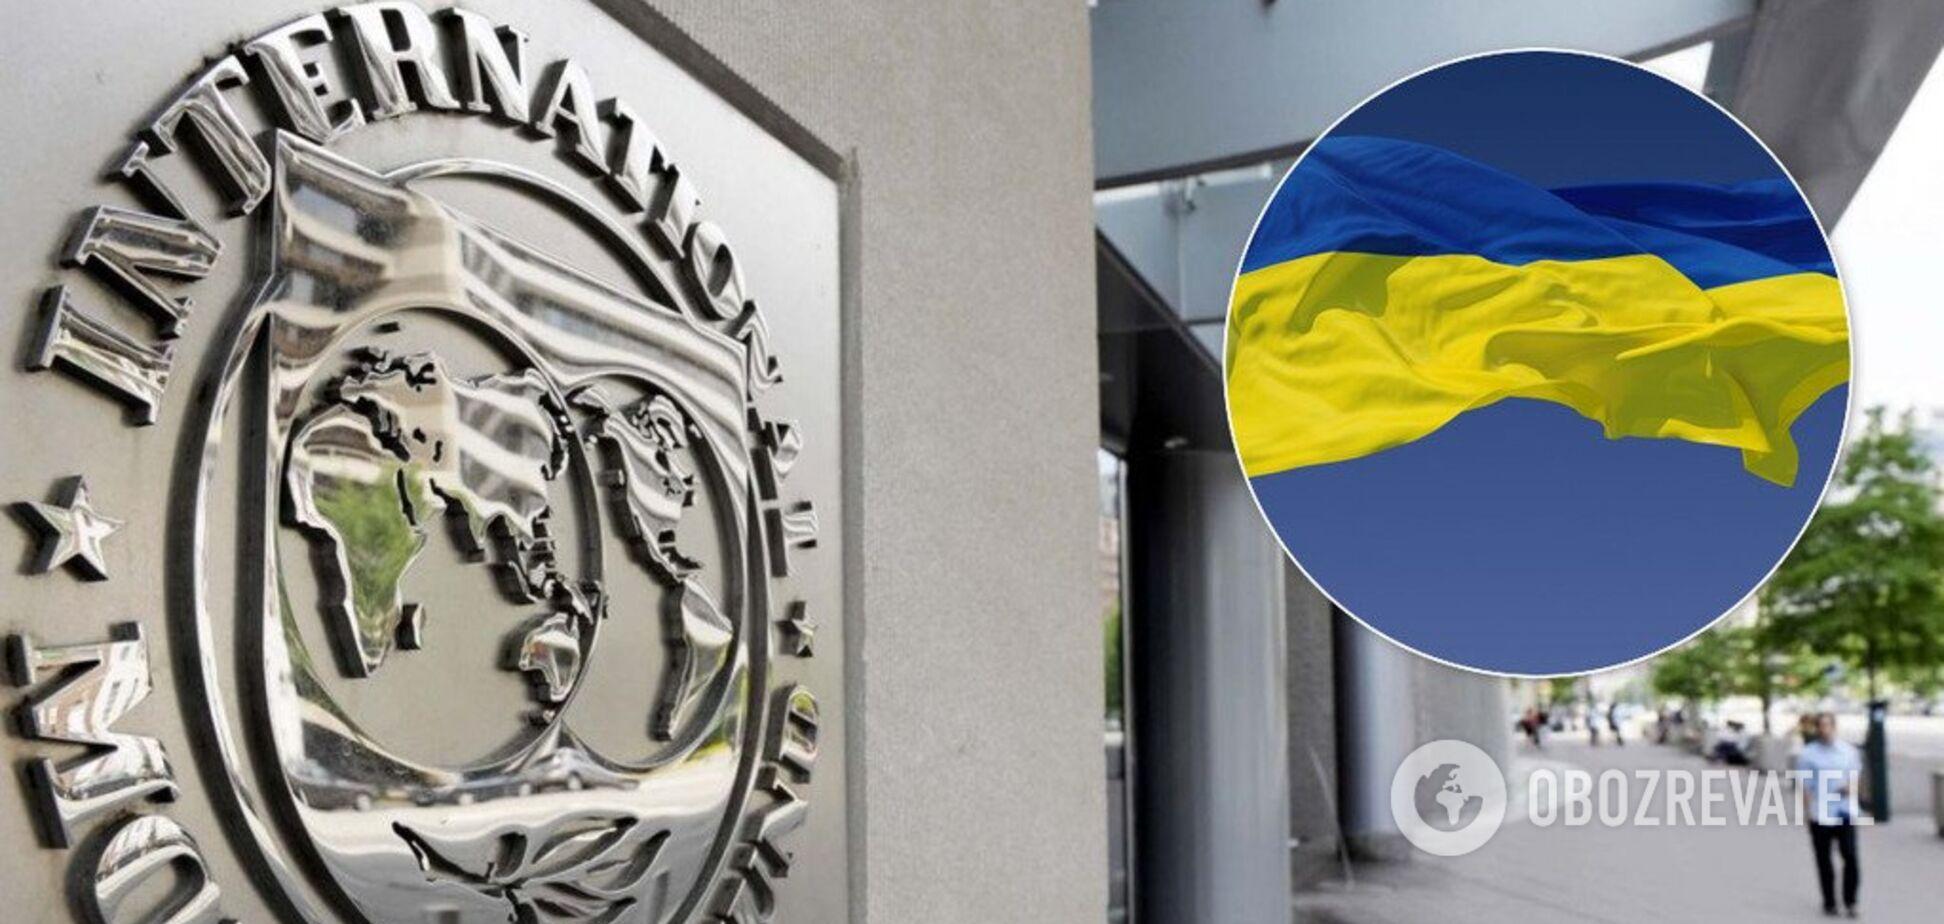 Сотрудничество МВФ с Украиной под угрозой: в Fitch назвали спорные моменты